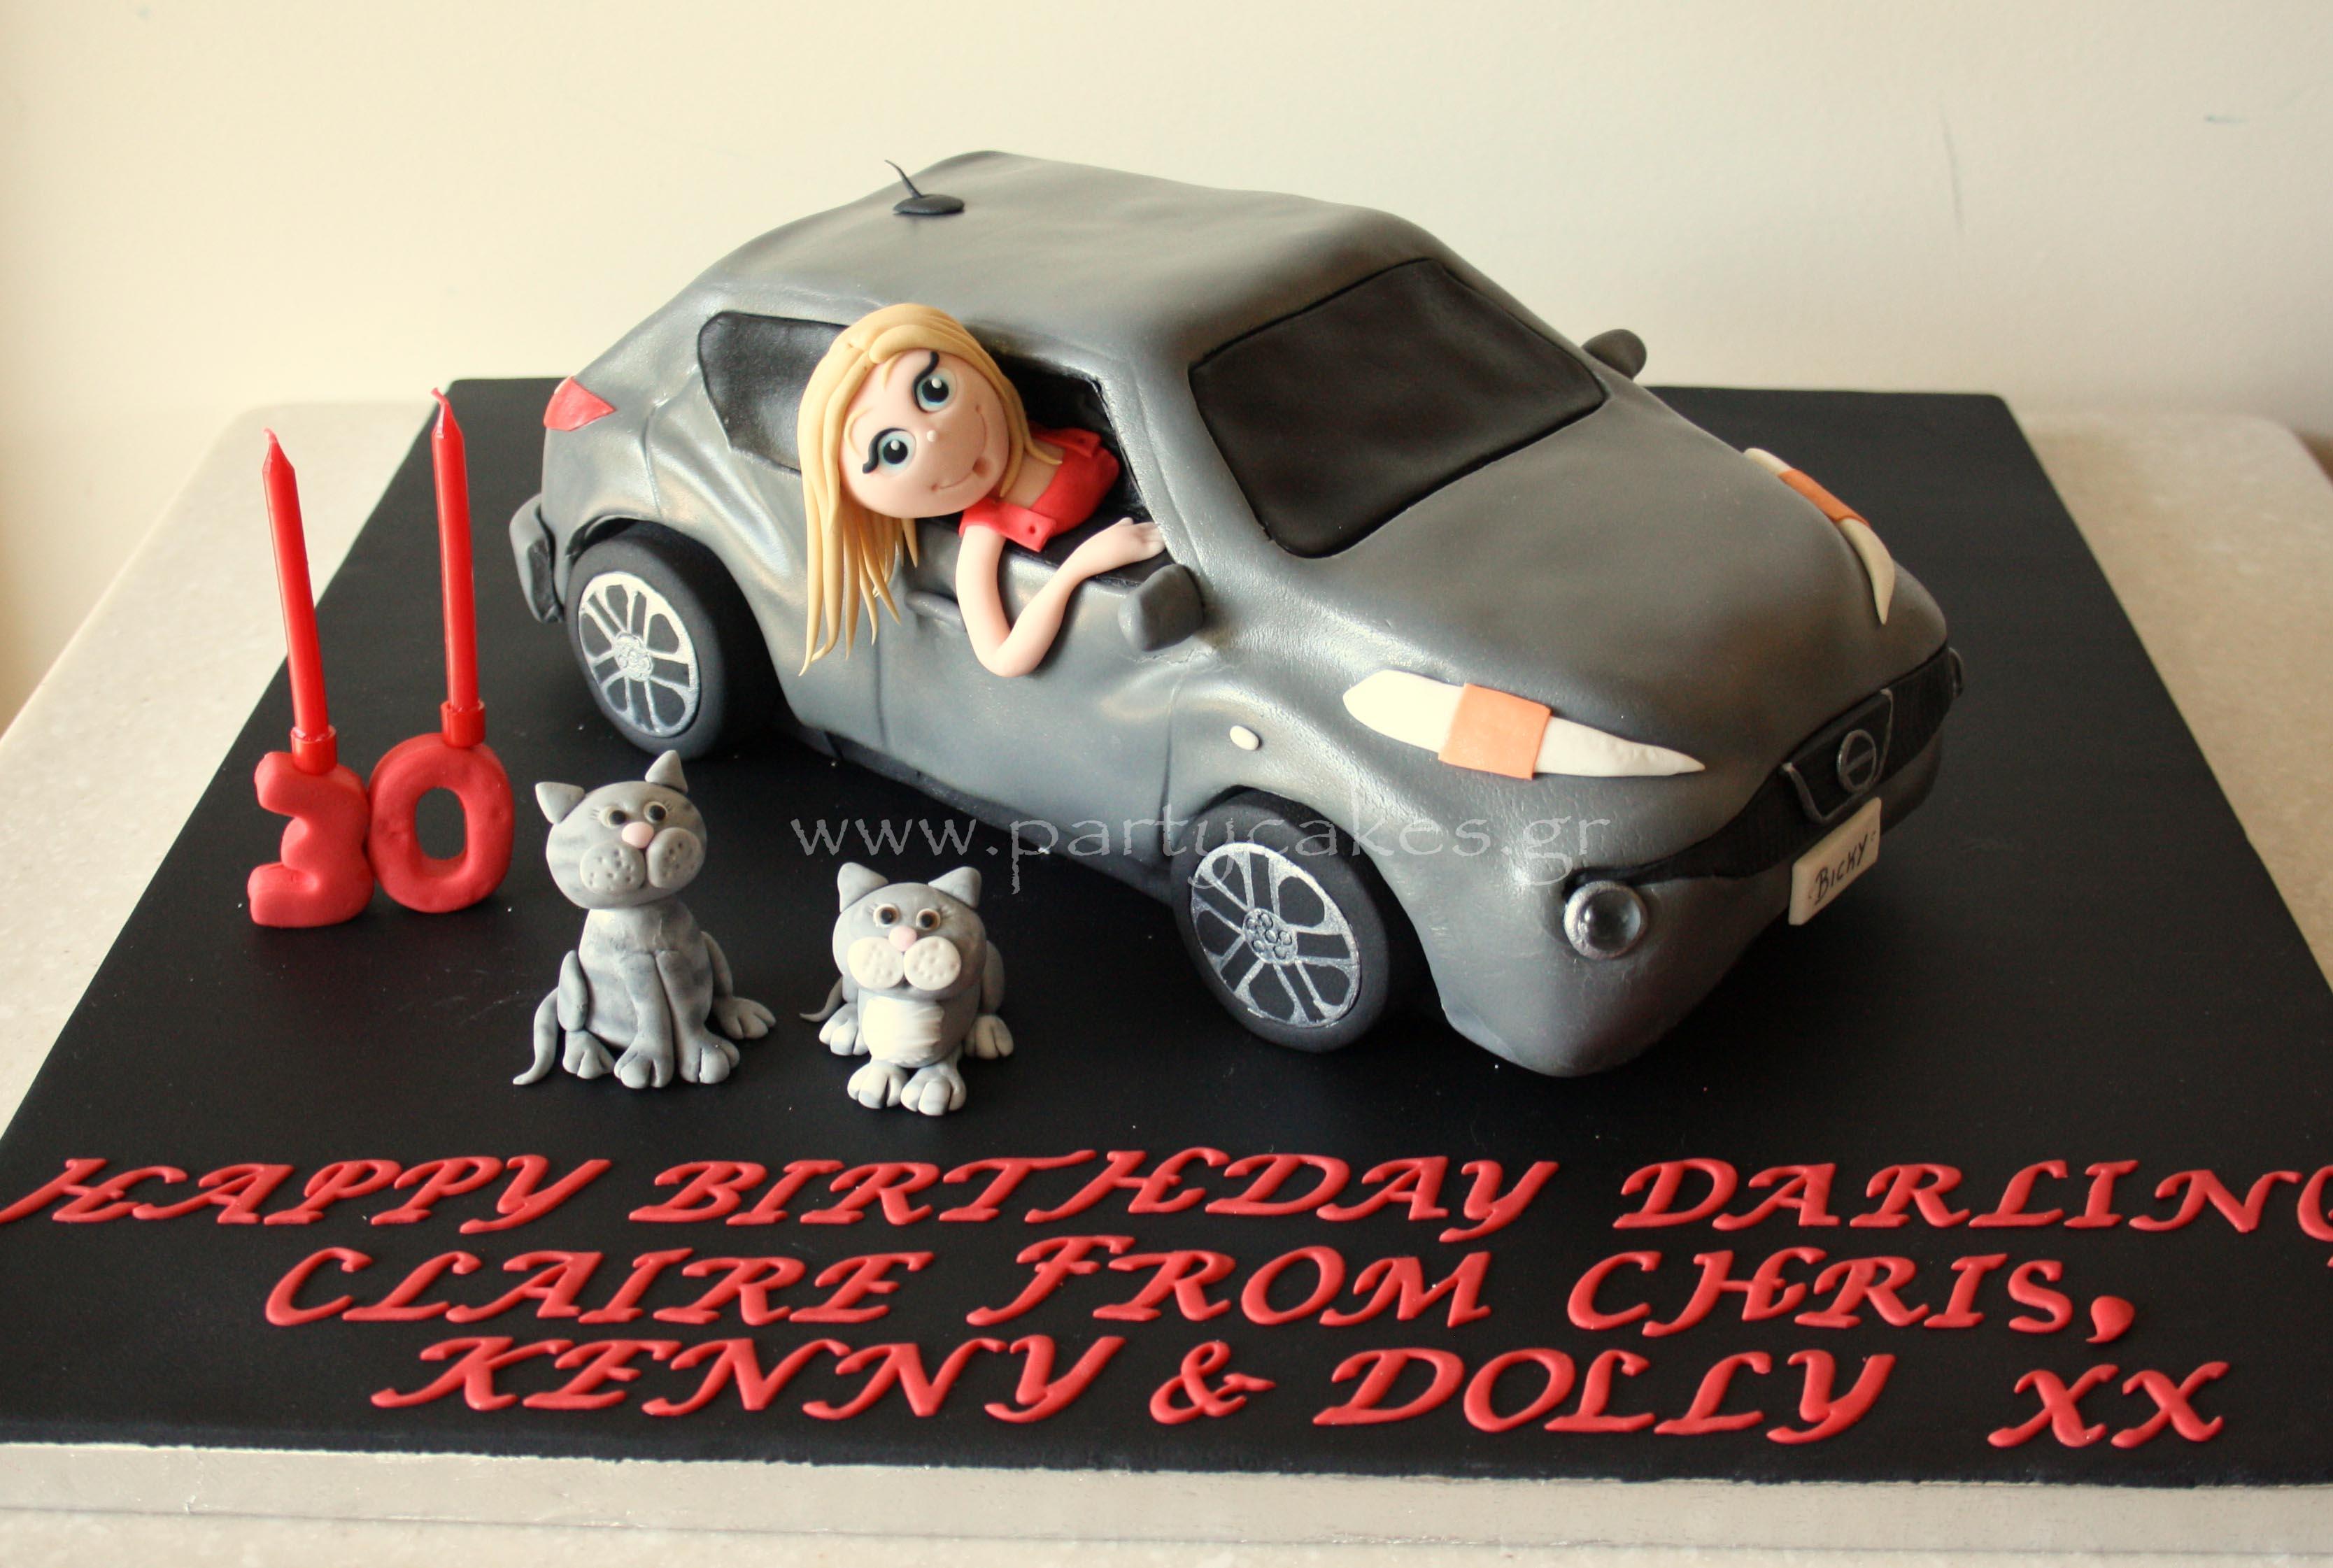 Car cake 1.jpg